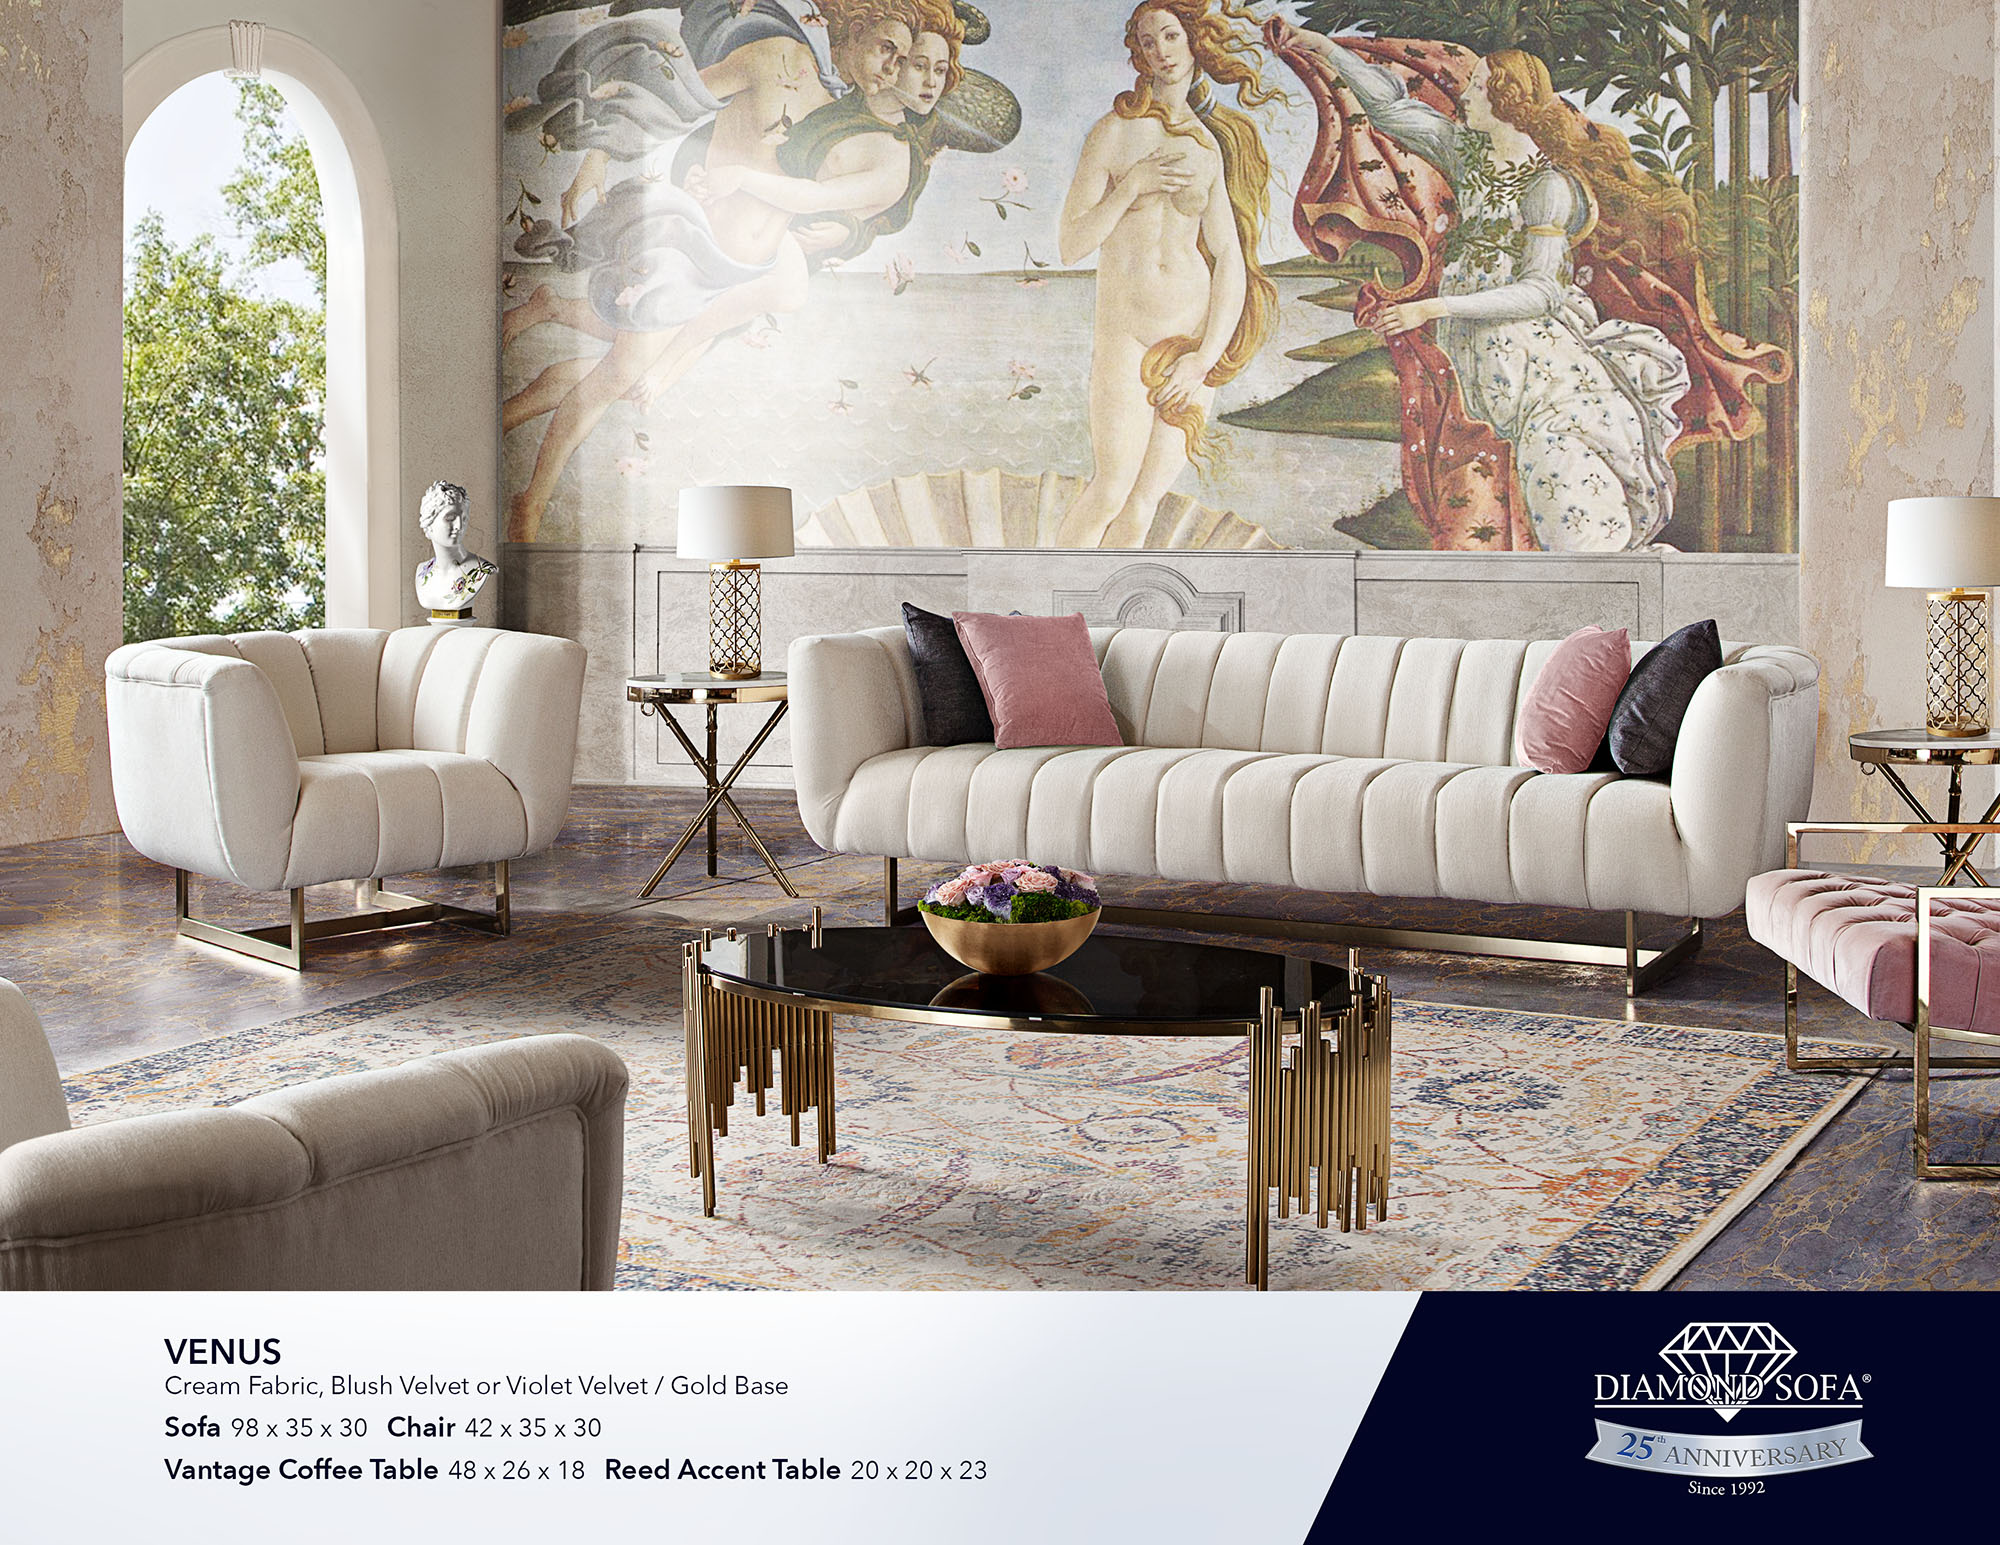 venus-cream-sofa-chair.jpg